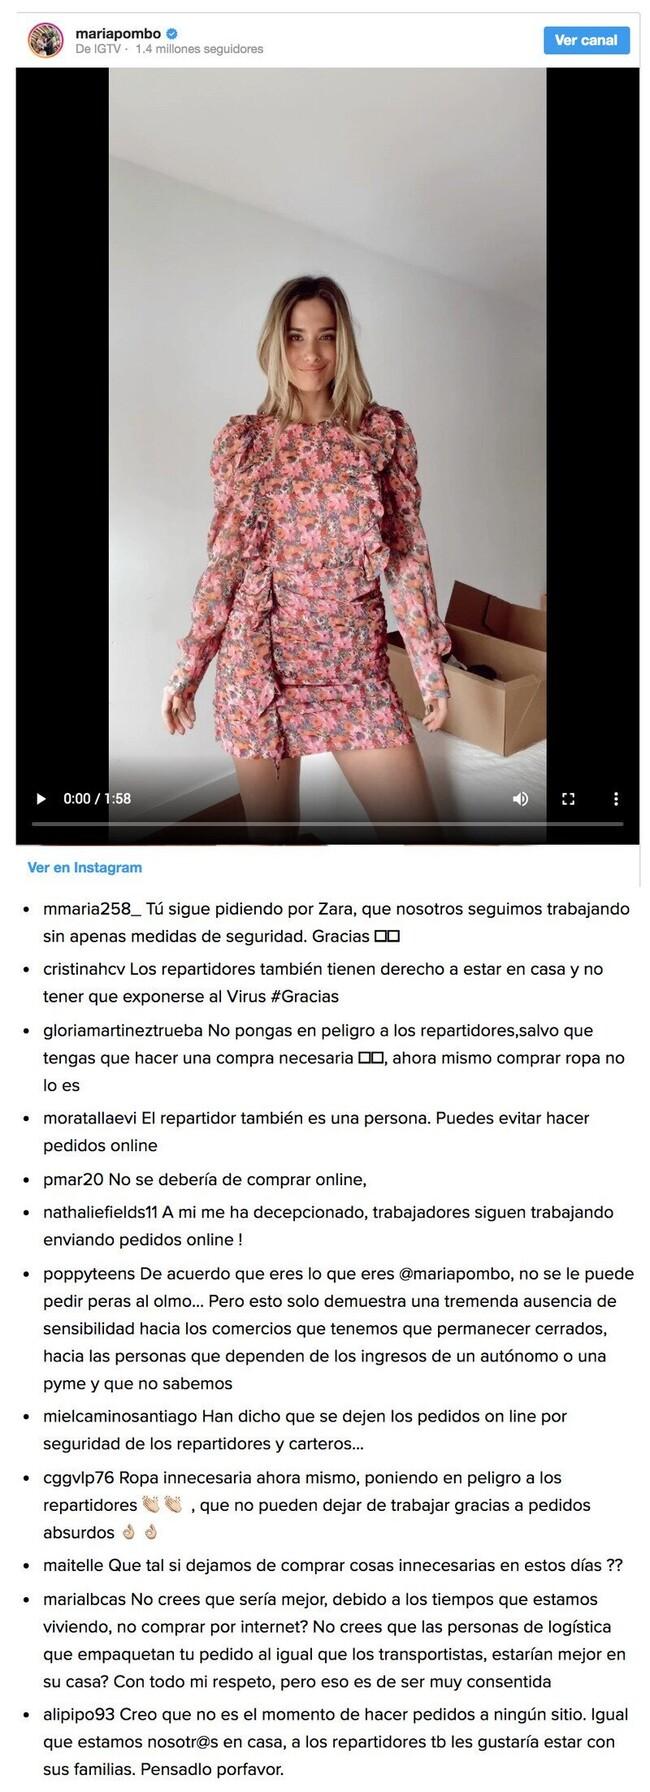 6414 - Esta tía es tonta: María Pombo indigna en redes por su último pedido online en plena cuarentena